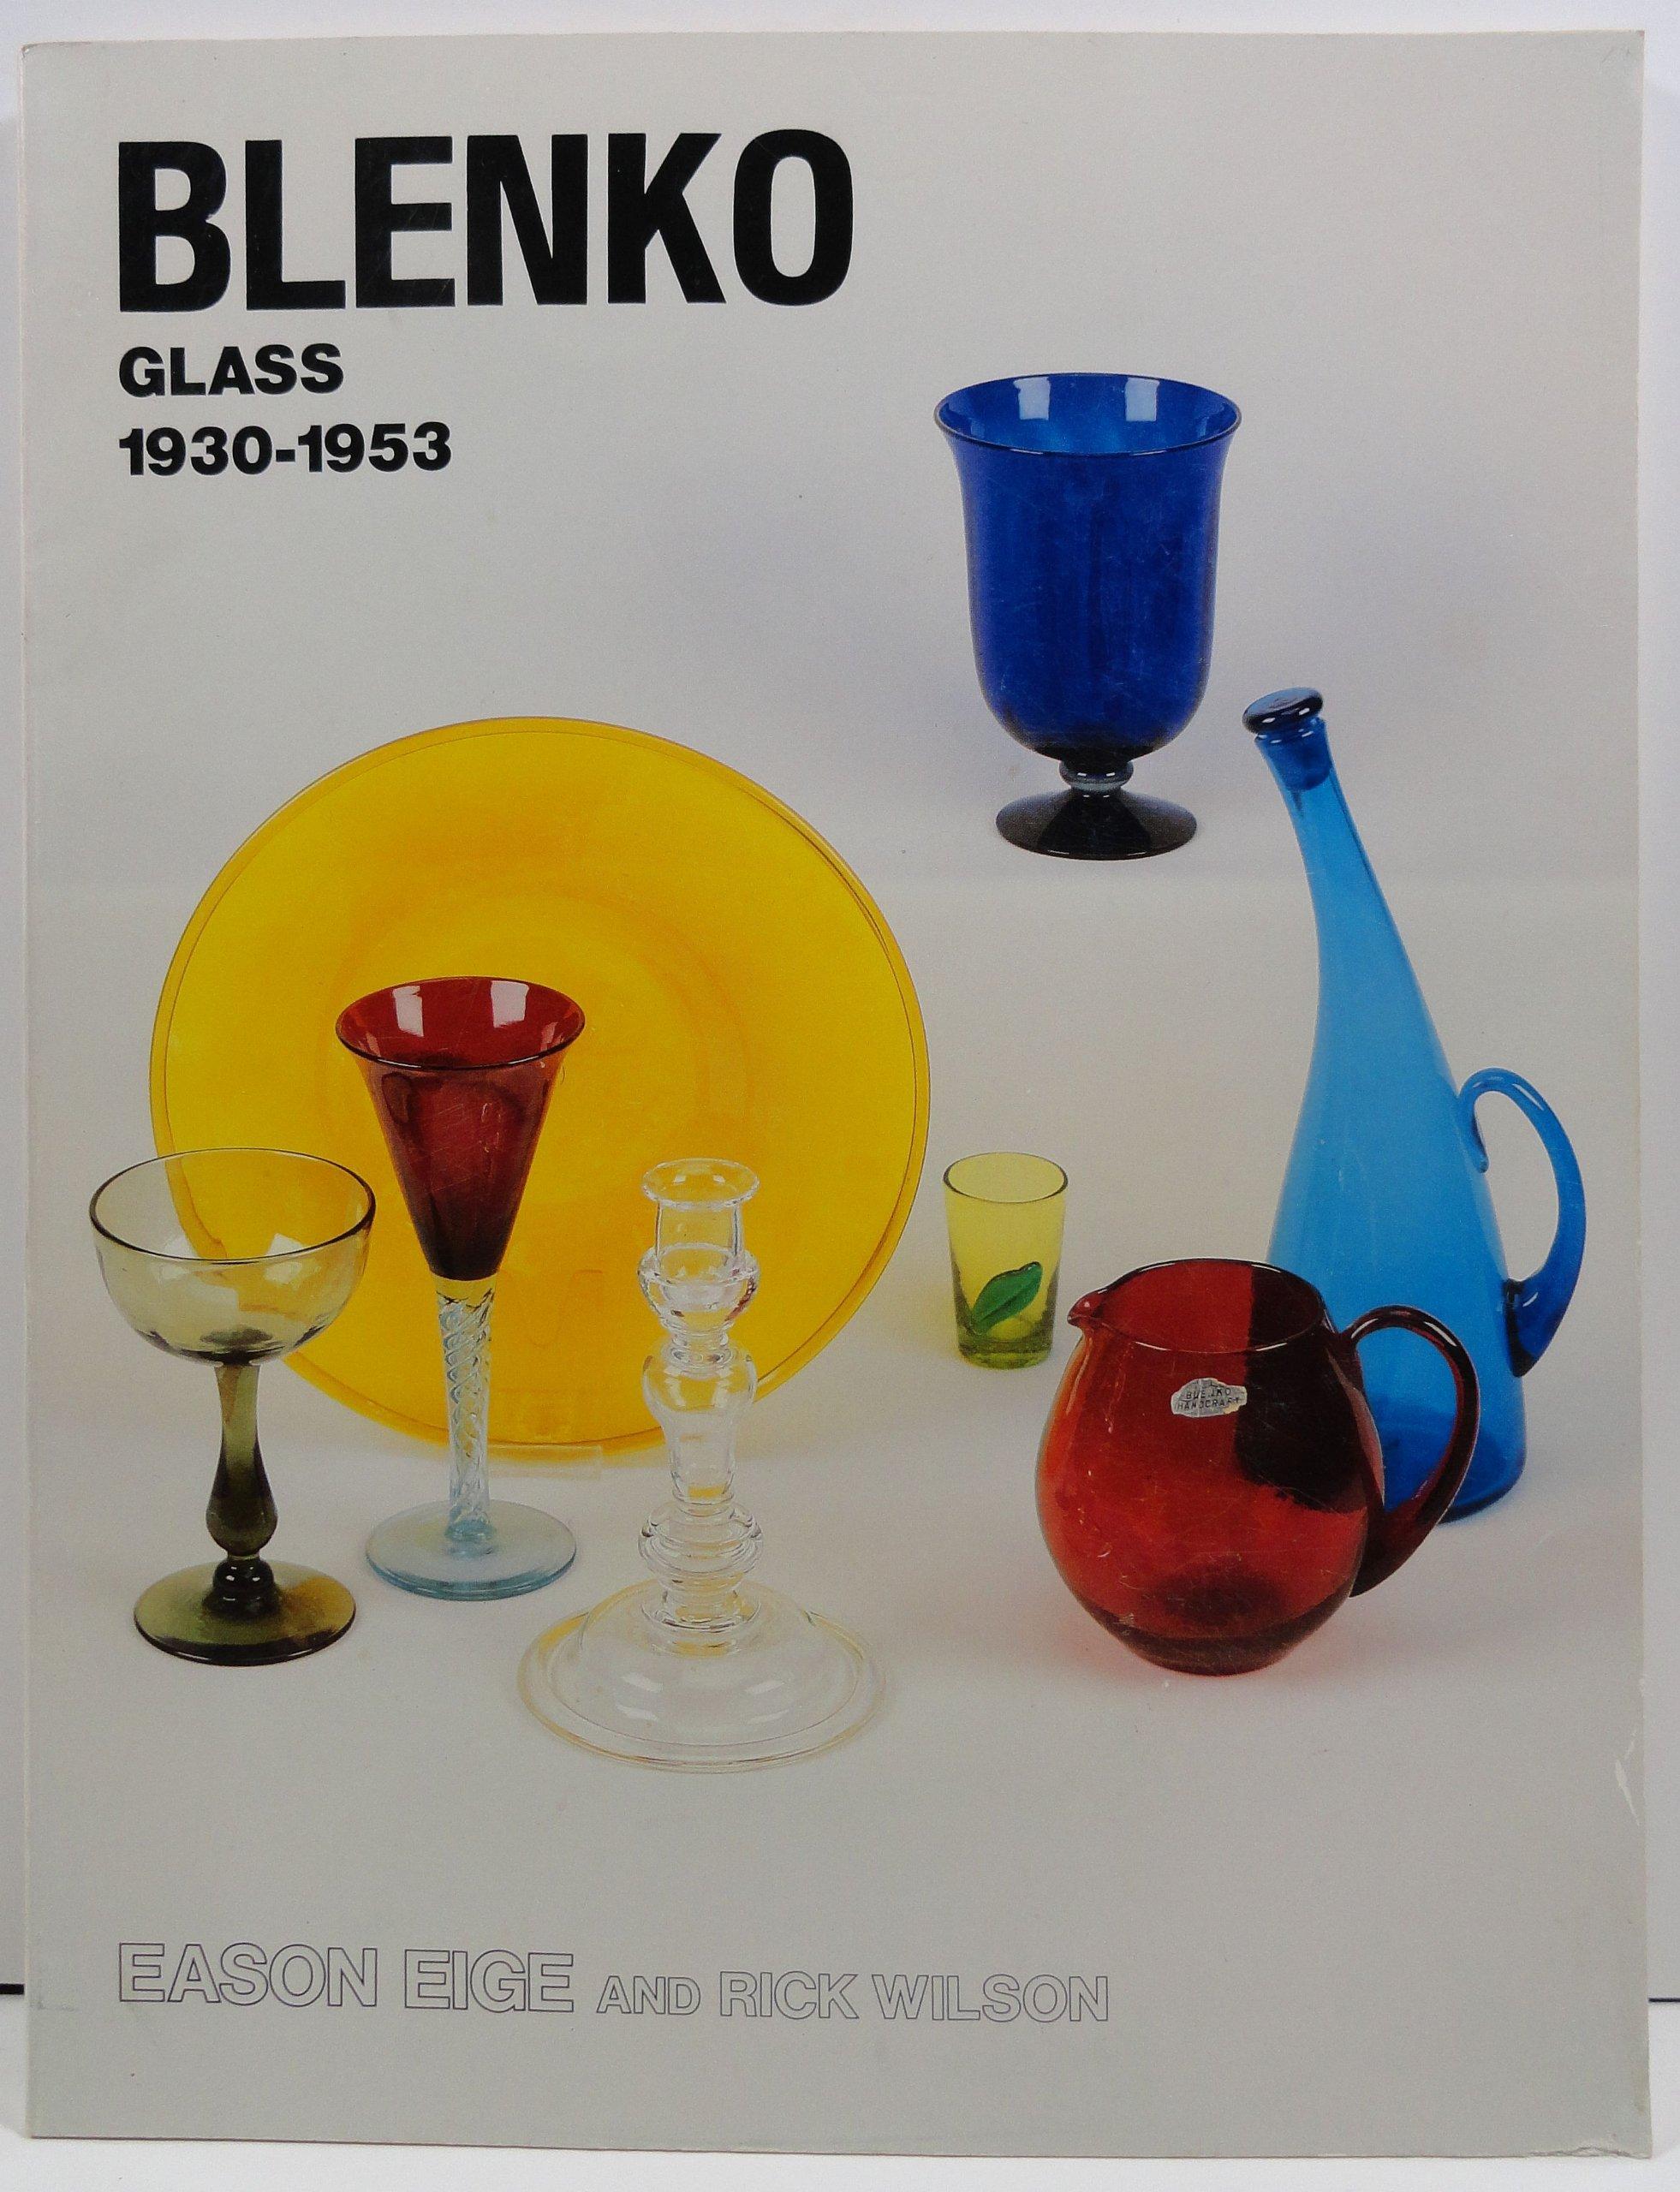 Blenko Glass, 1930-1953